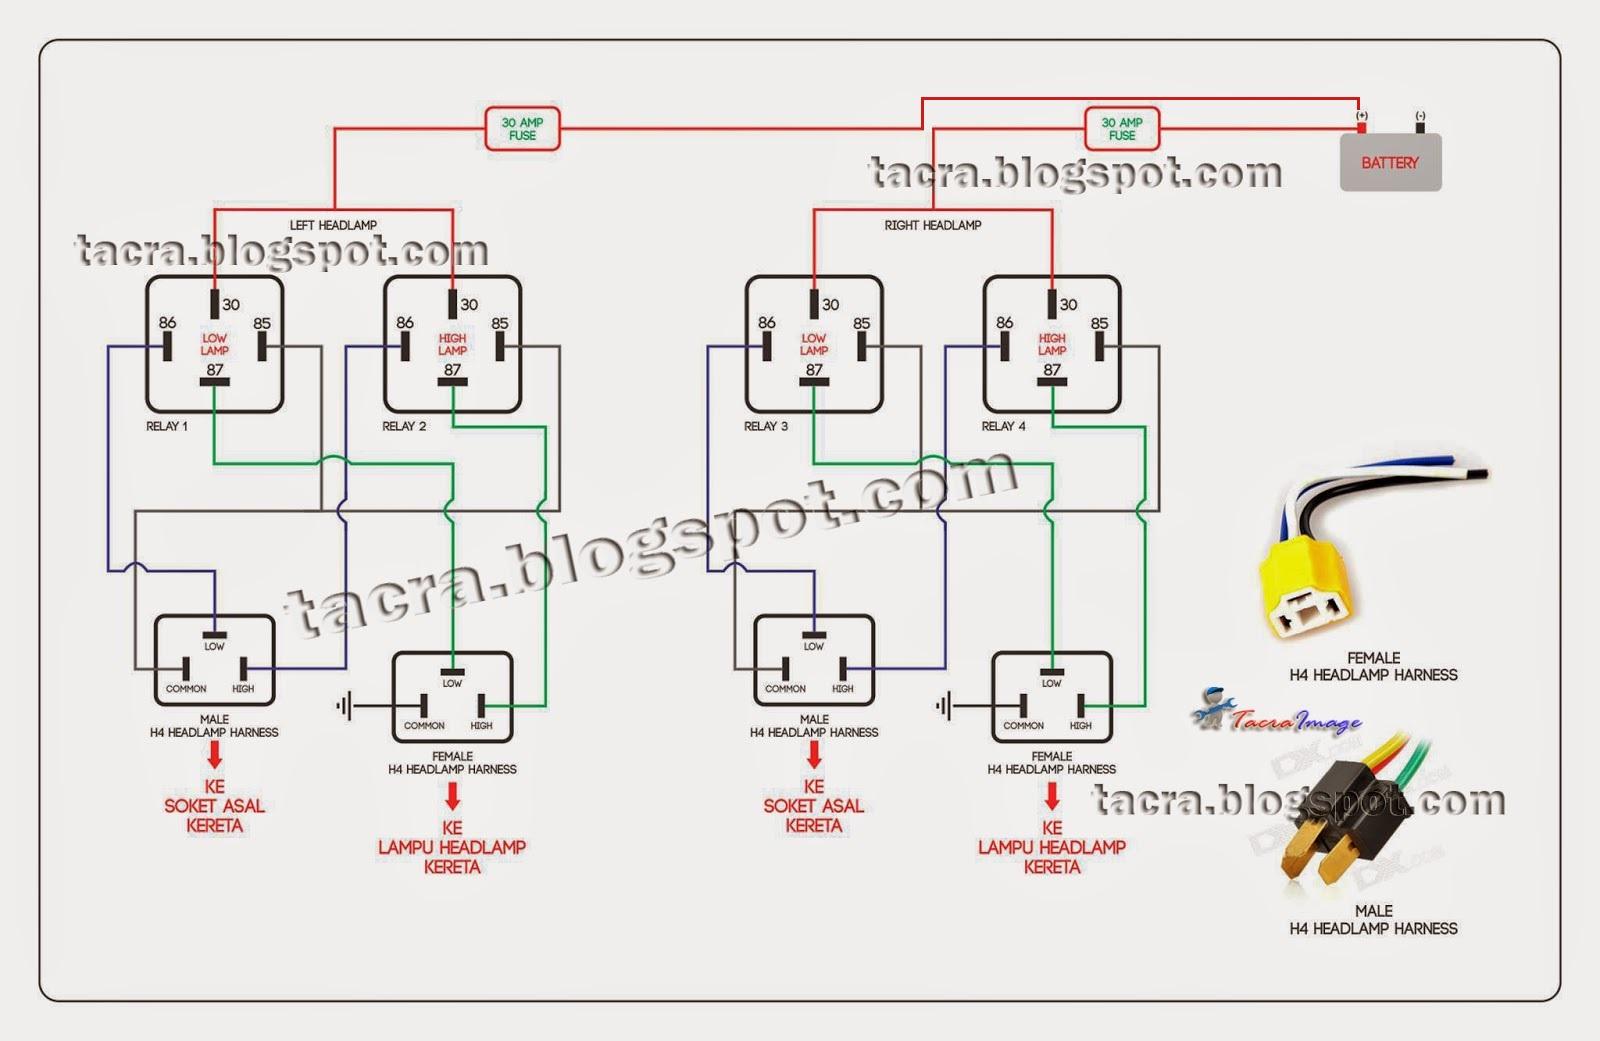 Wiring diagram proton wira jzgreentown jzgreentown kelisa wiring diagram pdf jzgreentown cheapraybanclubmaster Images